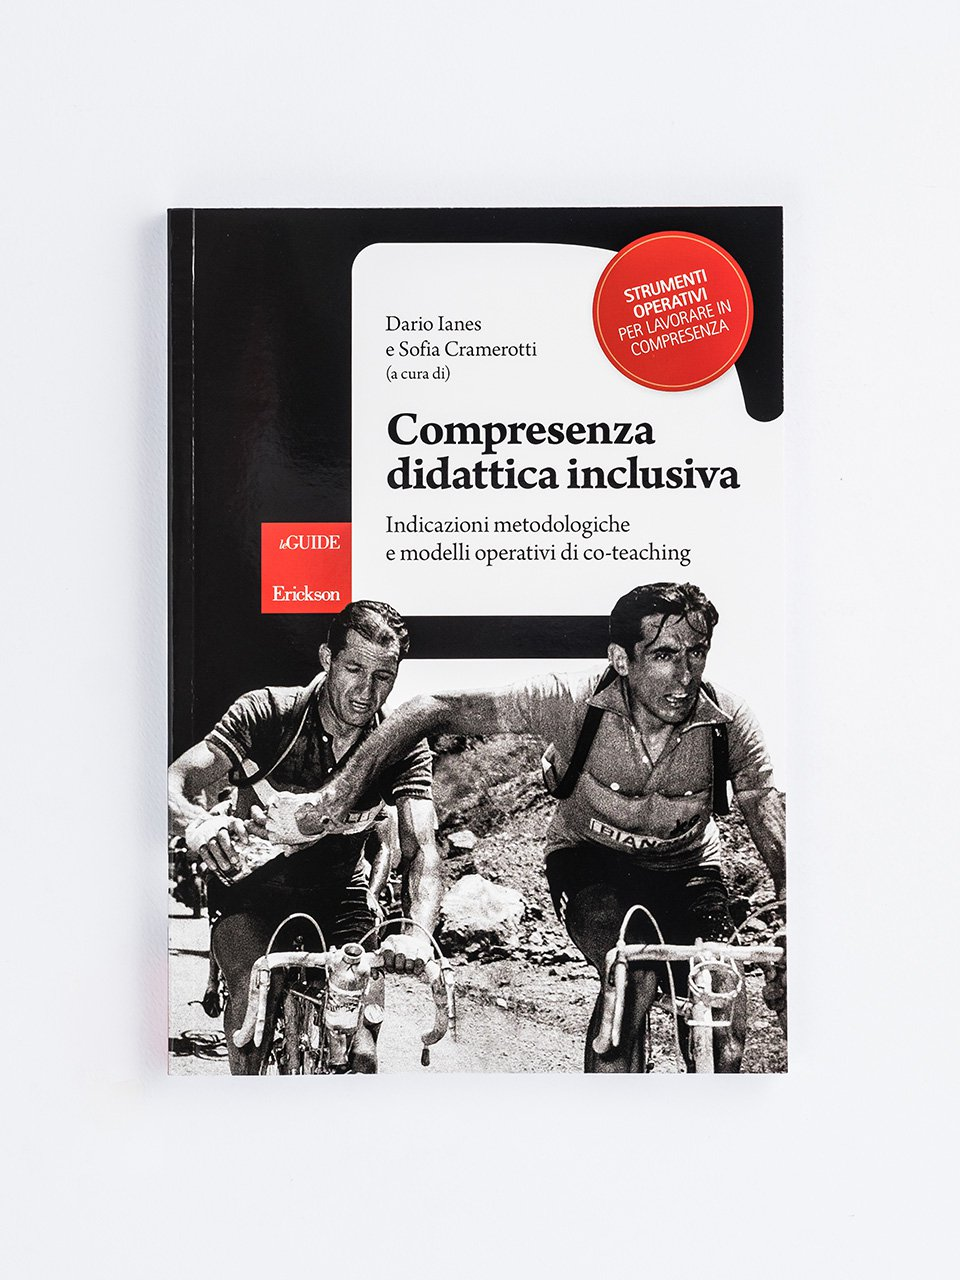 Compresenza didattica inclusiva - Cosa funziona realmente nella didattica speciale e - Libri - Erickson